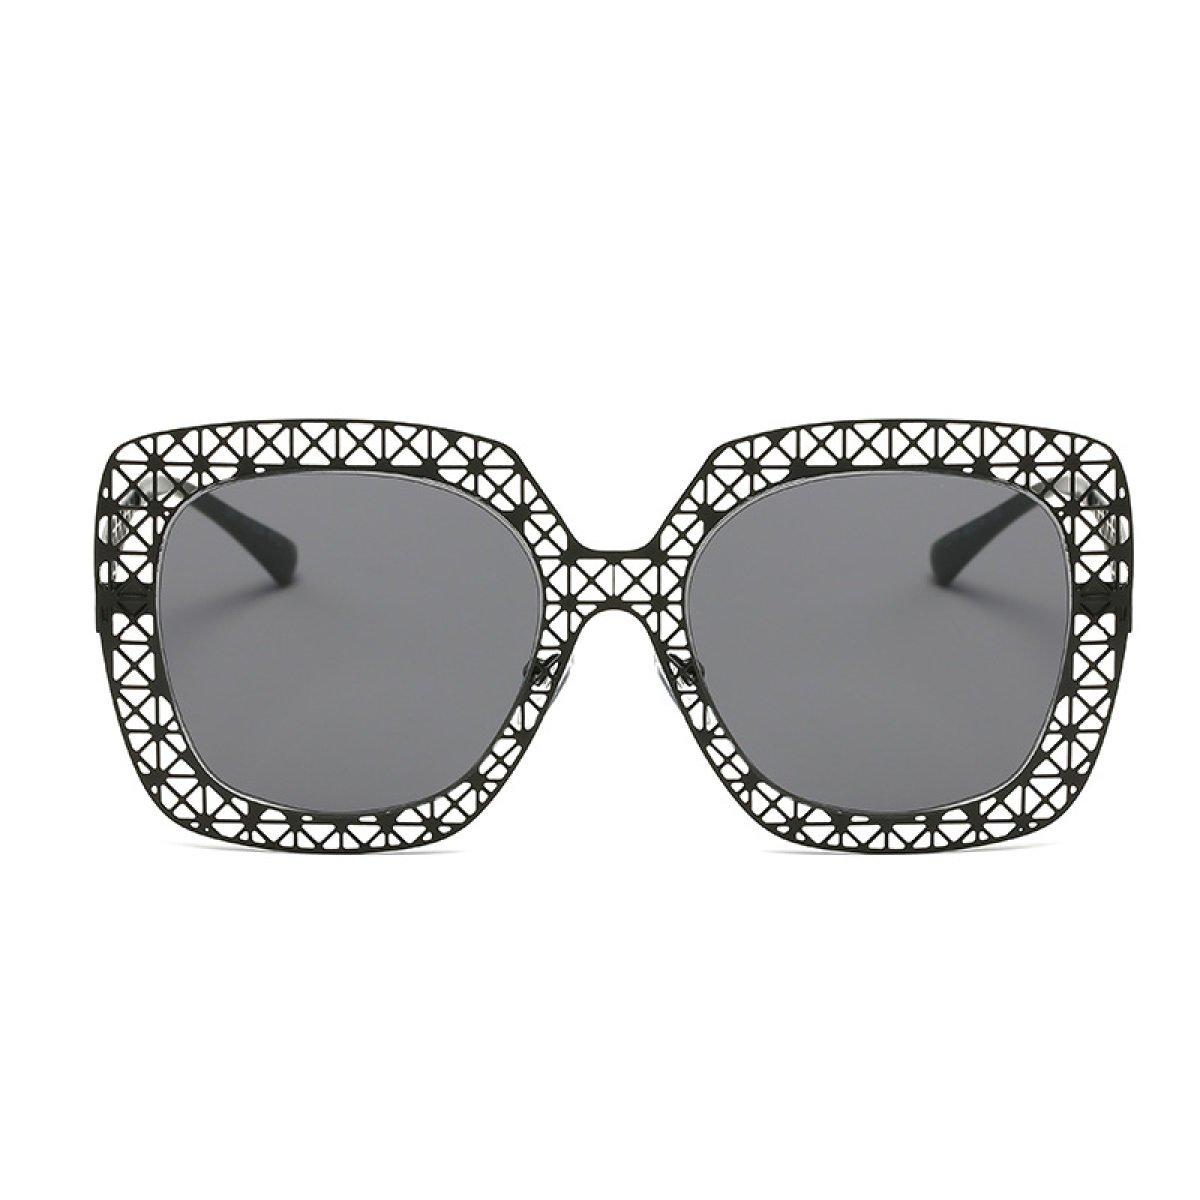 WKAIJC Mode Pop Klassik Persönlichkeit Bequem Leicht Elegant Lässig Retro Männer Und Frauen Sonnenbrillen,B